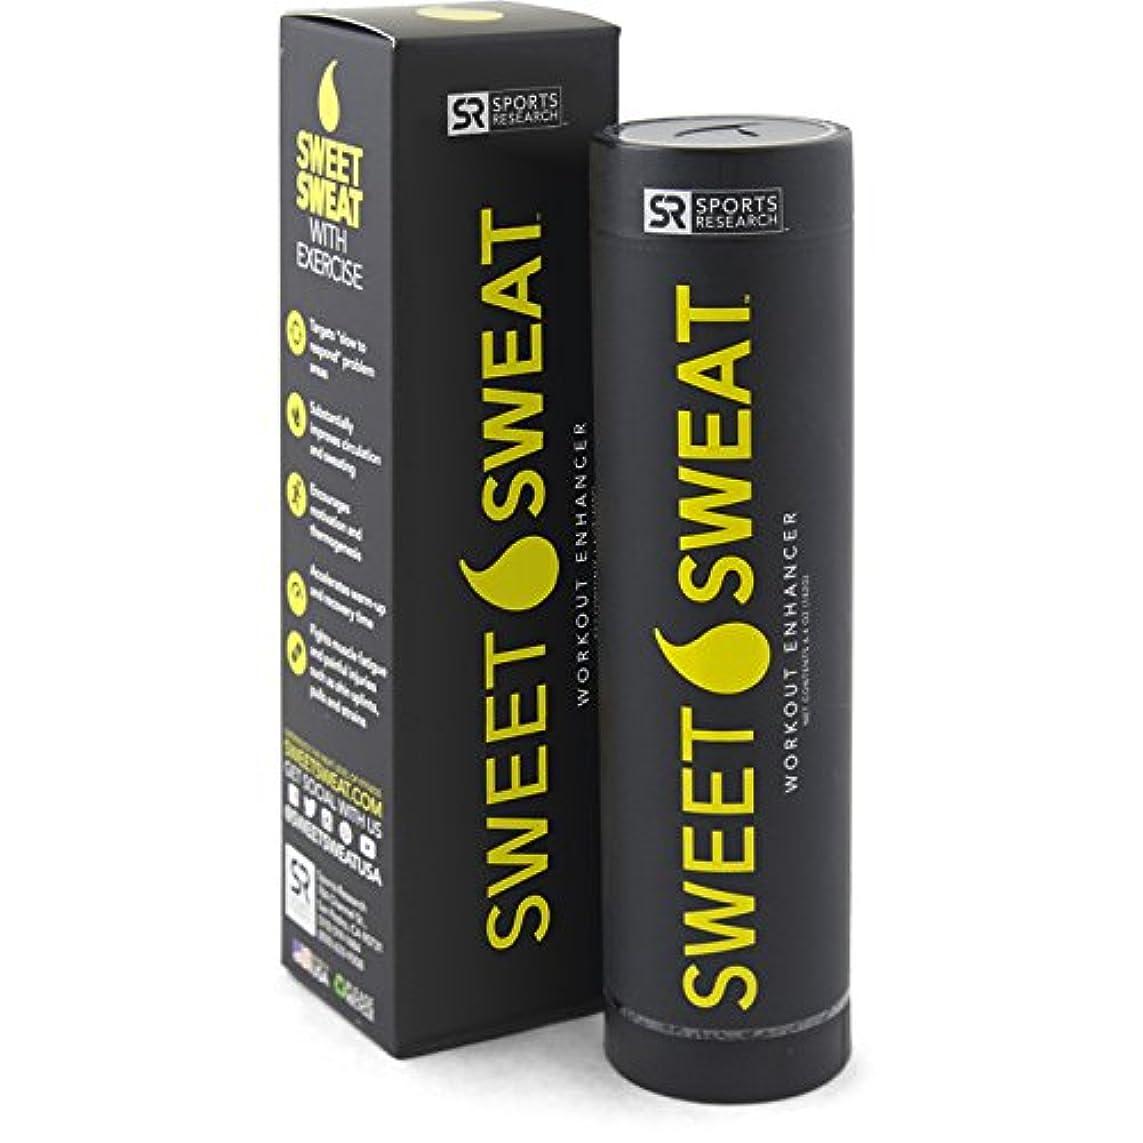 凝視恒久的レザースイートスウェット(ボディクリーム)Sweet Sweat Stickhttpスティック型クリーム 181g[並行輸入品]